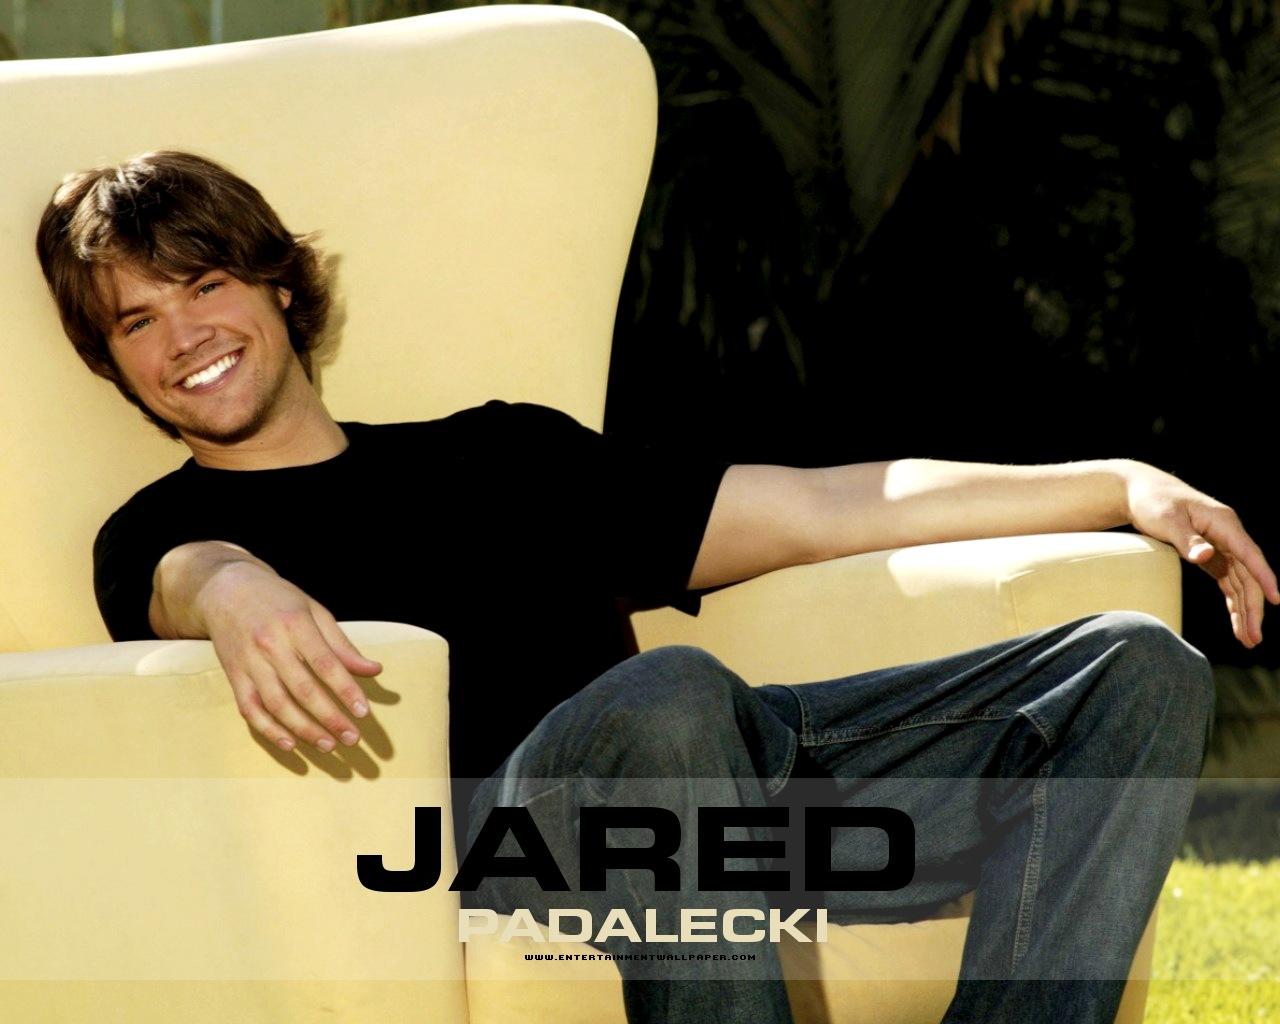 Jared Padalecki Jared Padalecki 645136_1280_1024